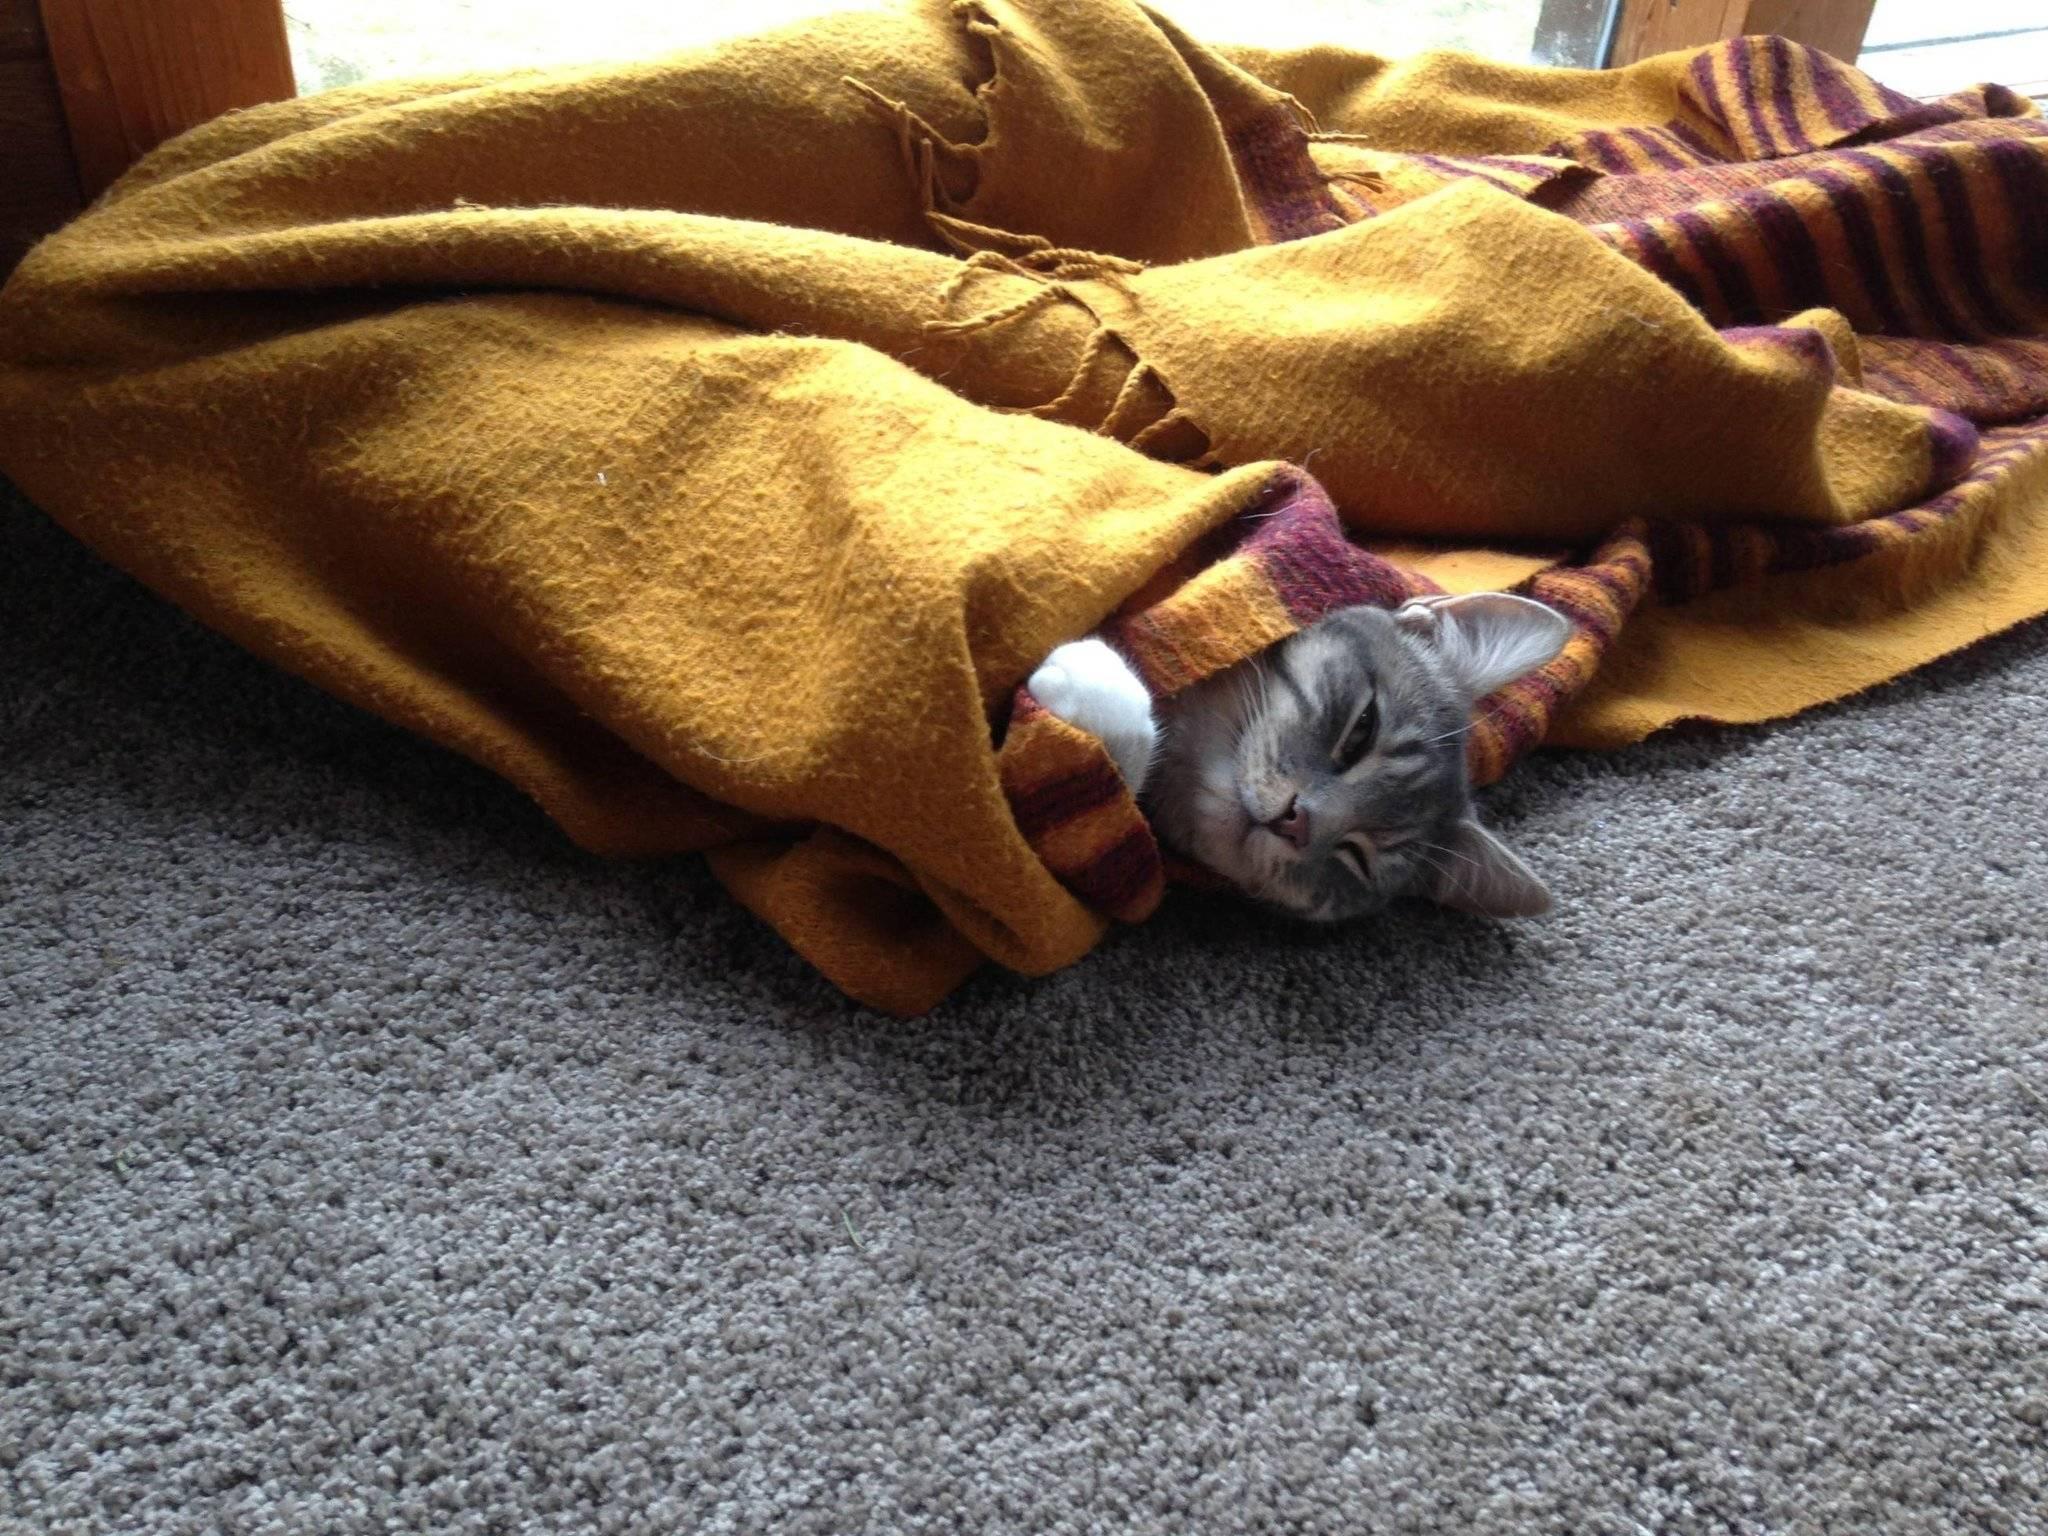 Почему кошка лезет под одеяло: все очень просто и понятно - catdogpet